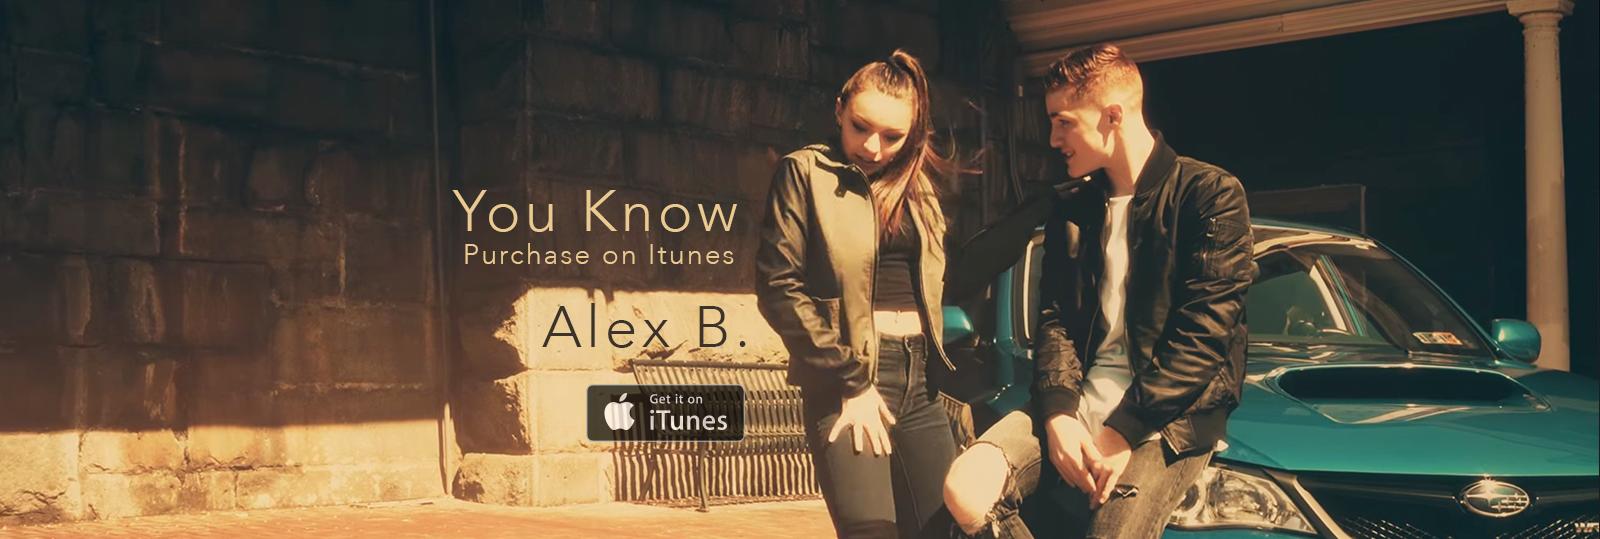 Alex B. - You Know